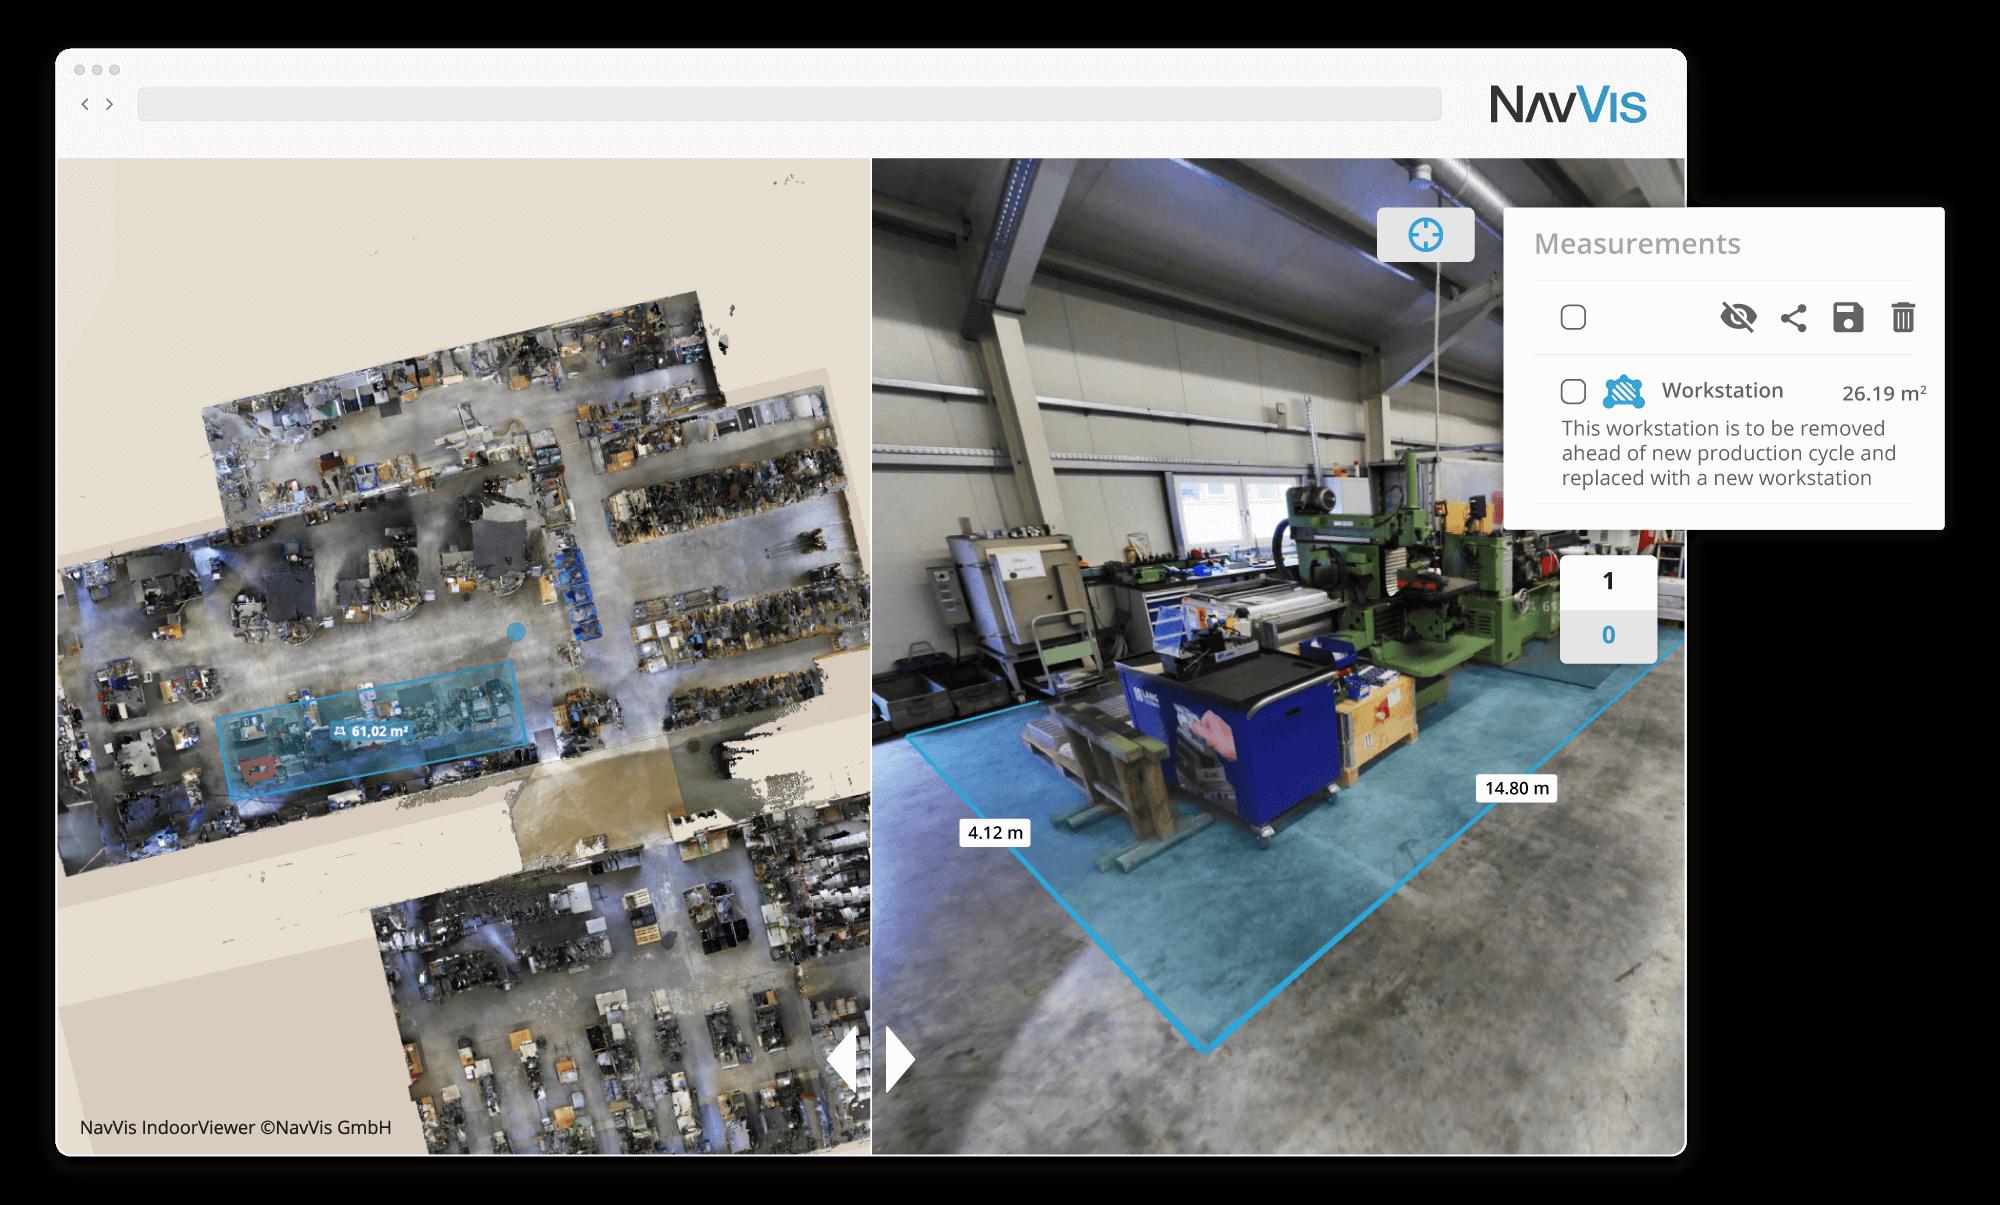 NavVis IndoorViewer 2.7